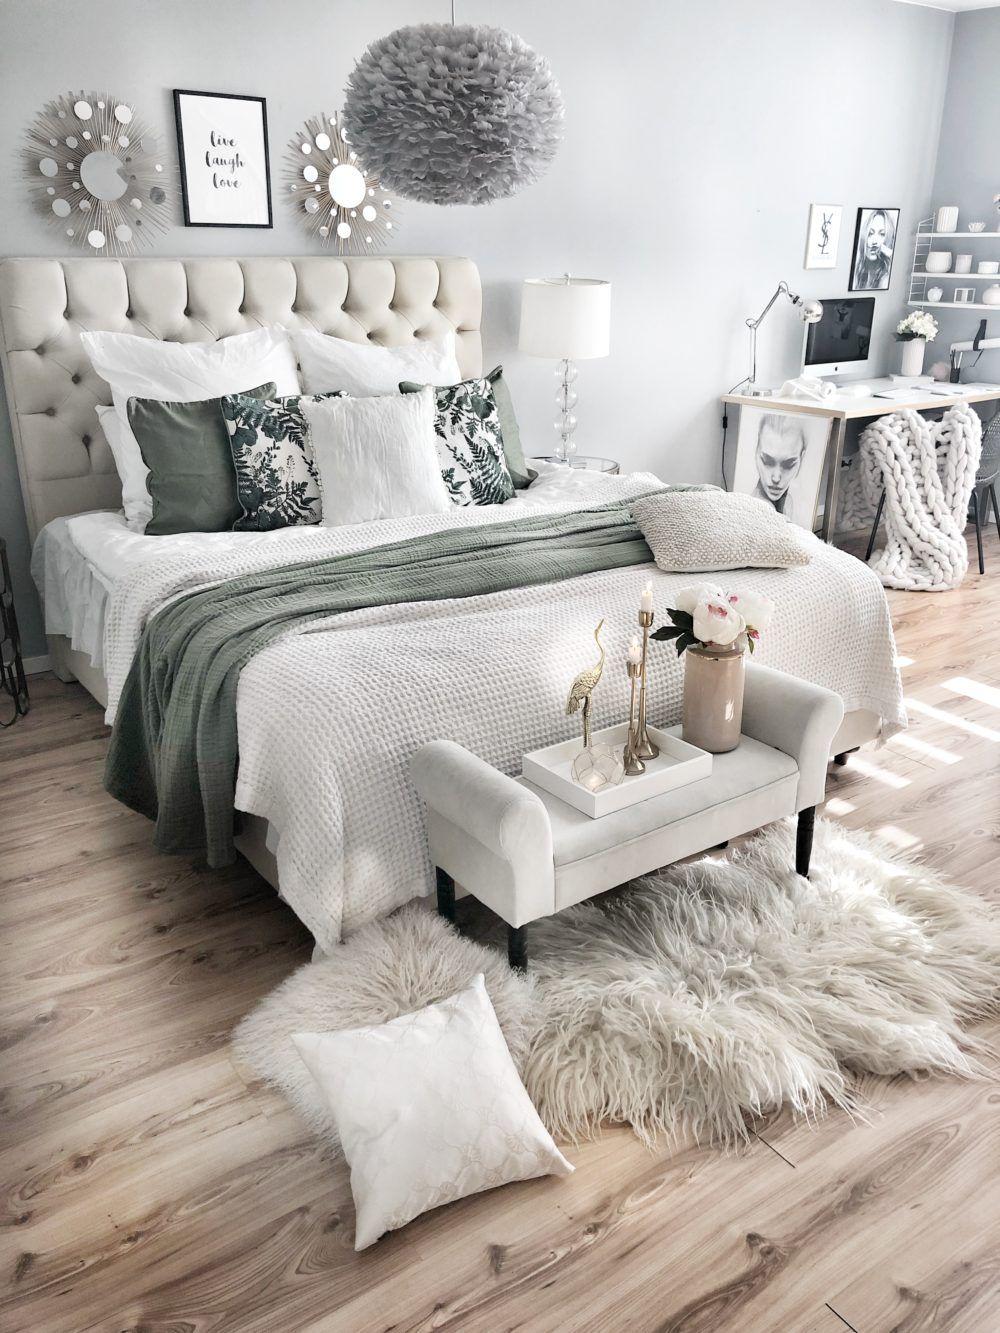 Grun Im Schlafzimmer Easyinterieur Dekoration Inneneinrichtung